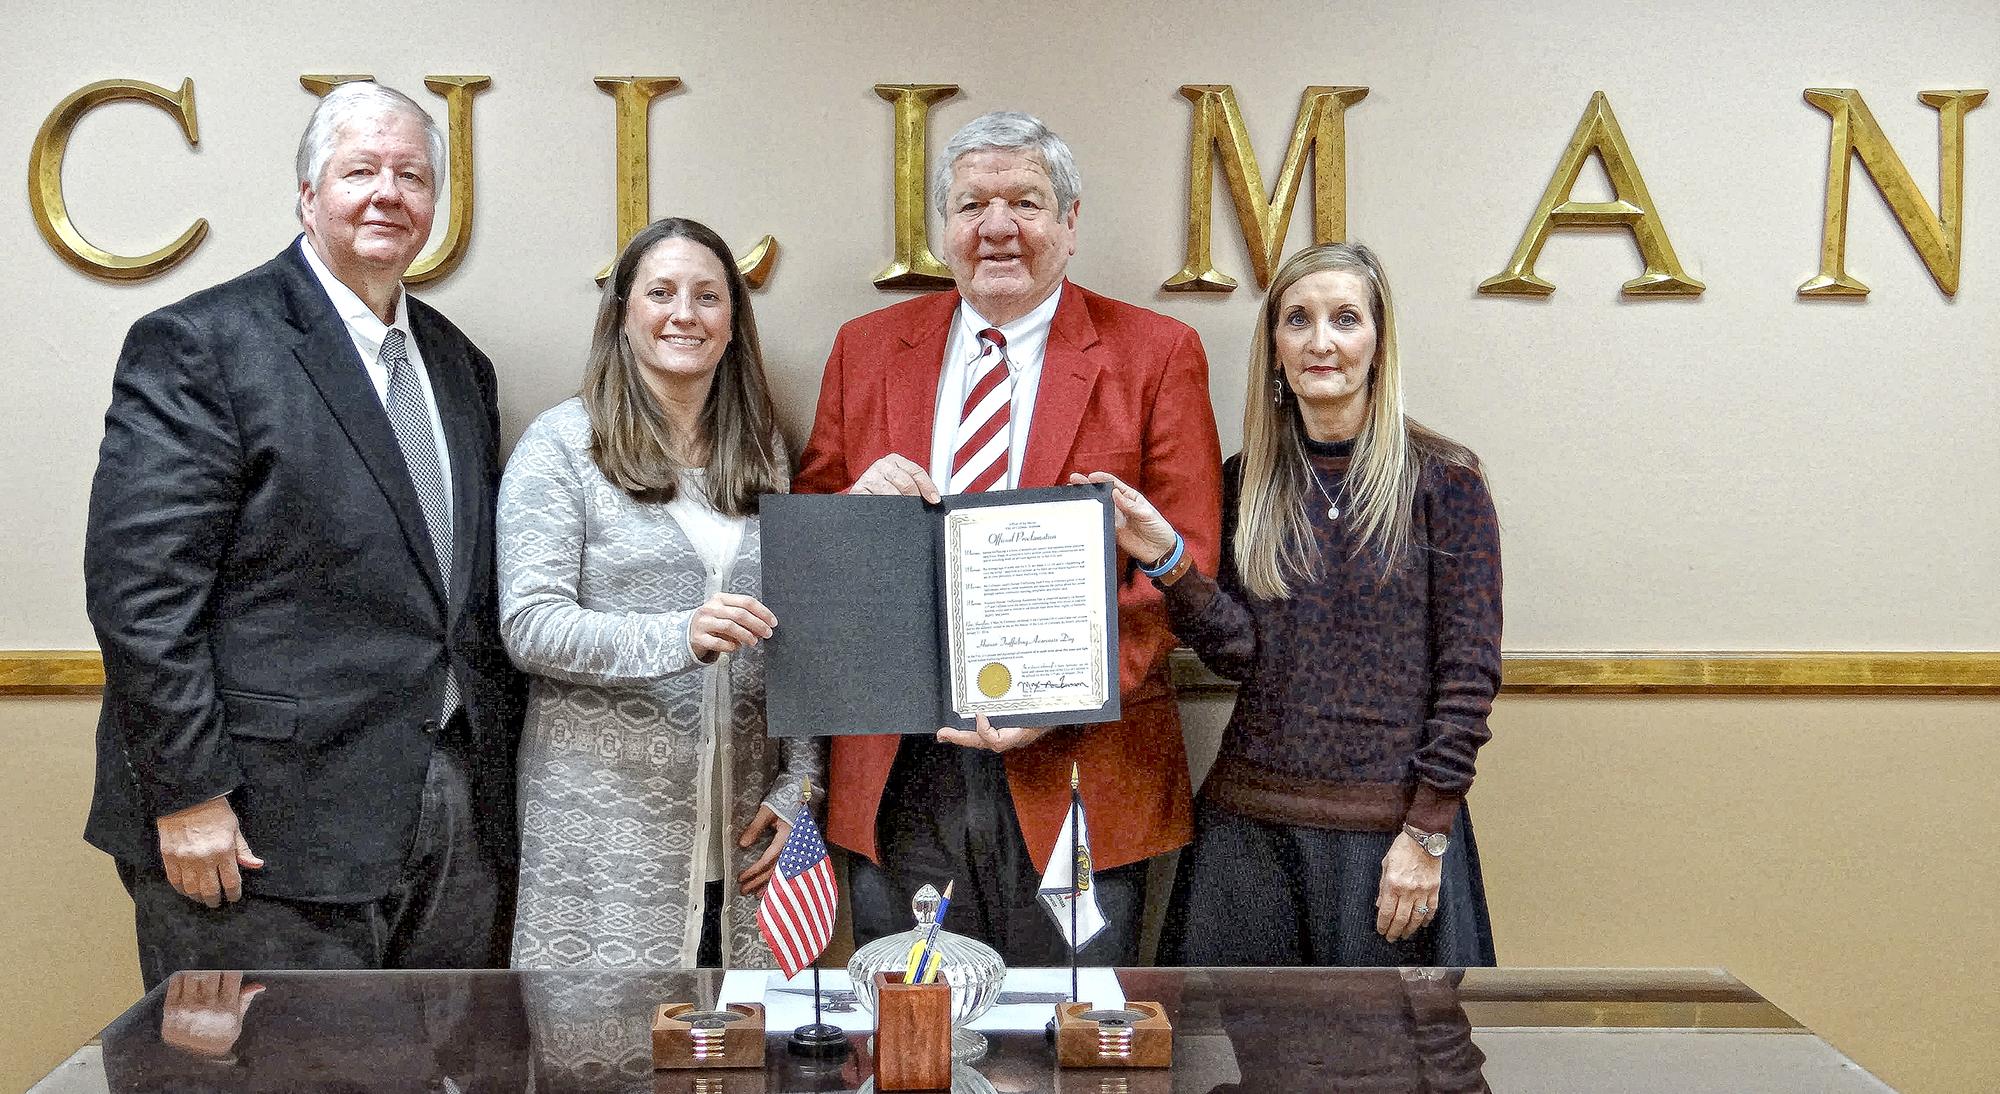 Leanne West/Mayor's Office